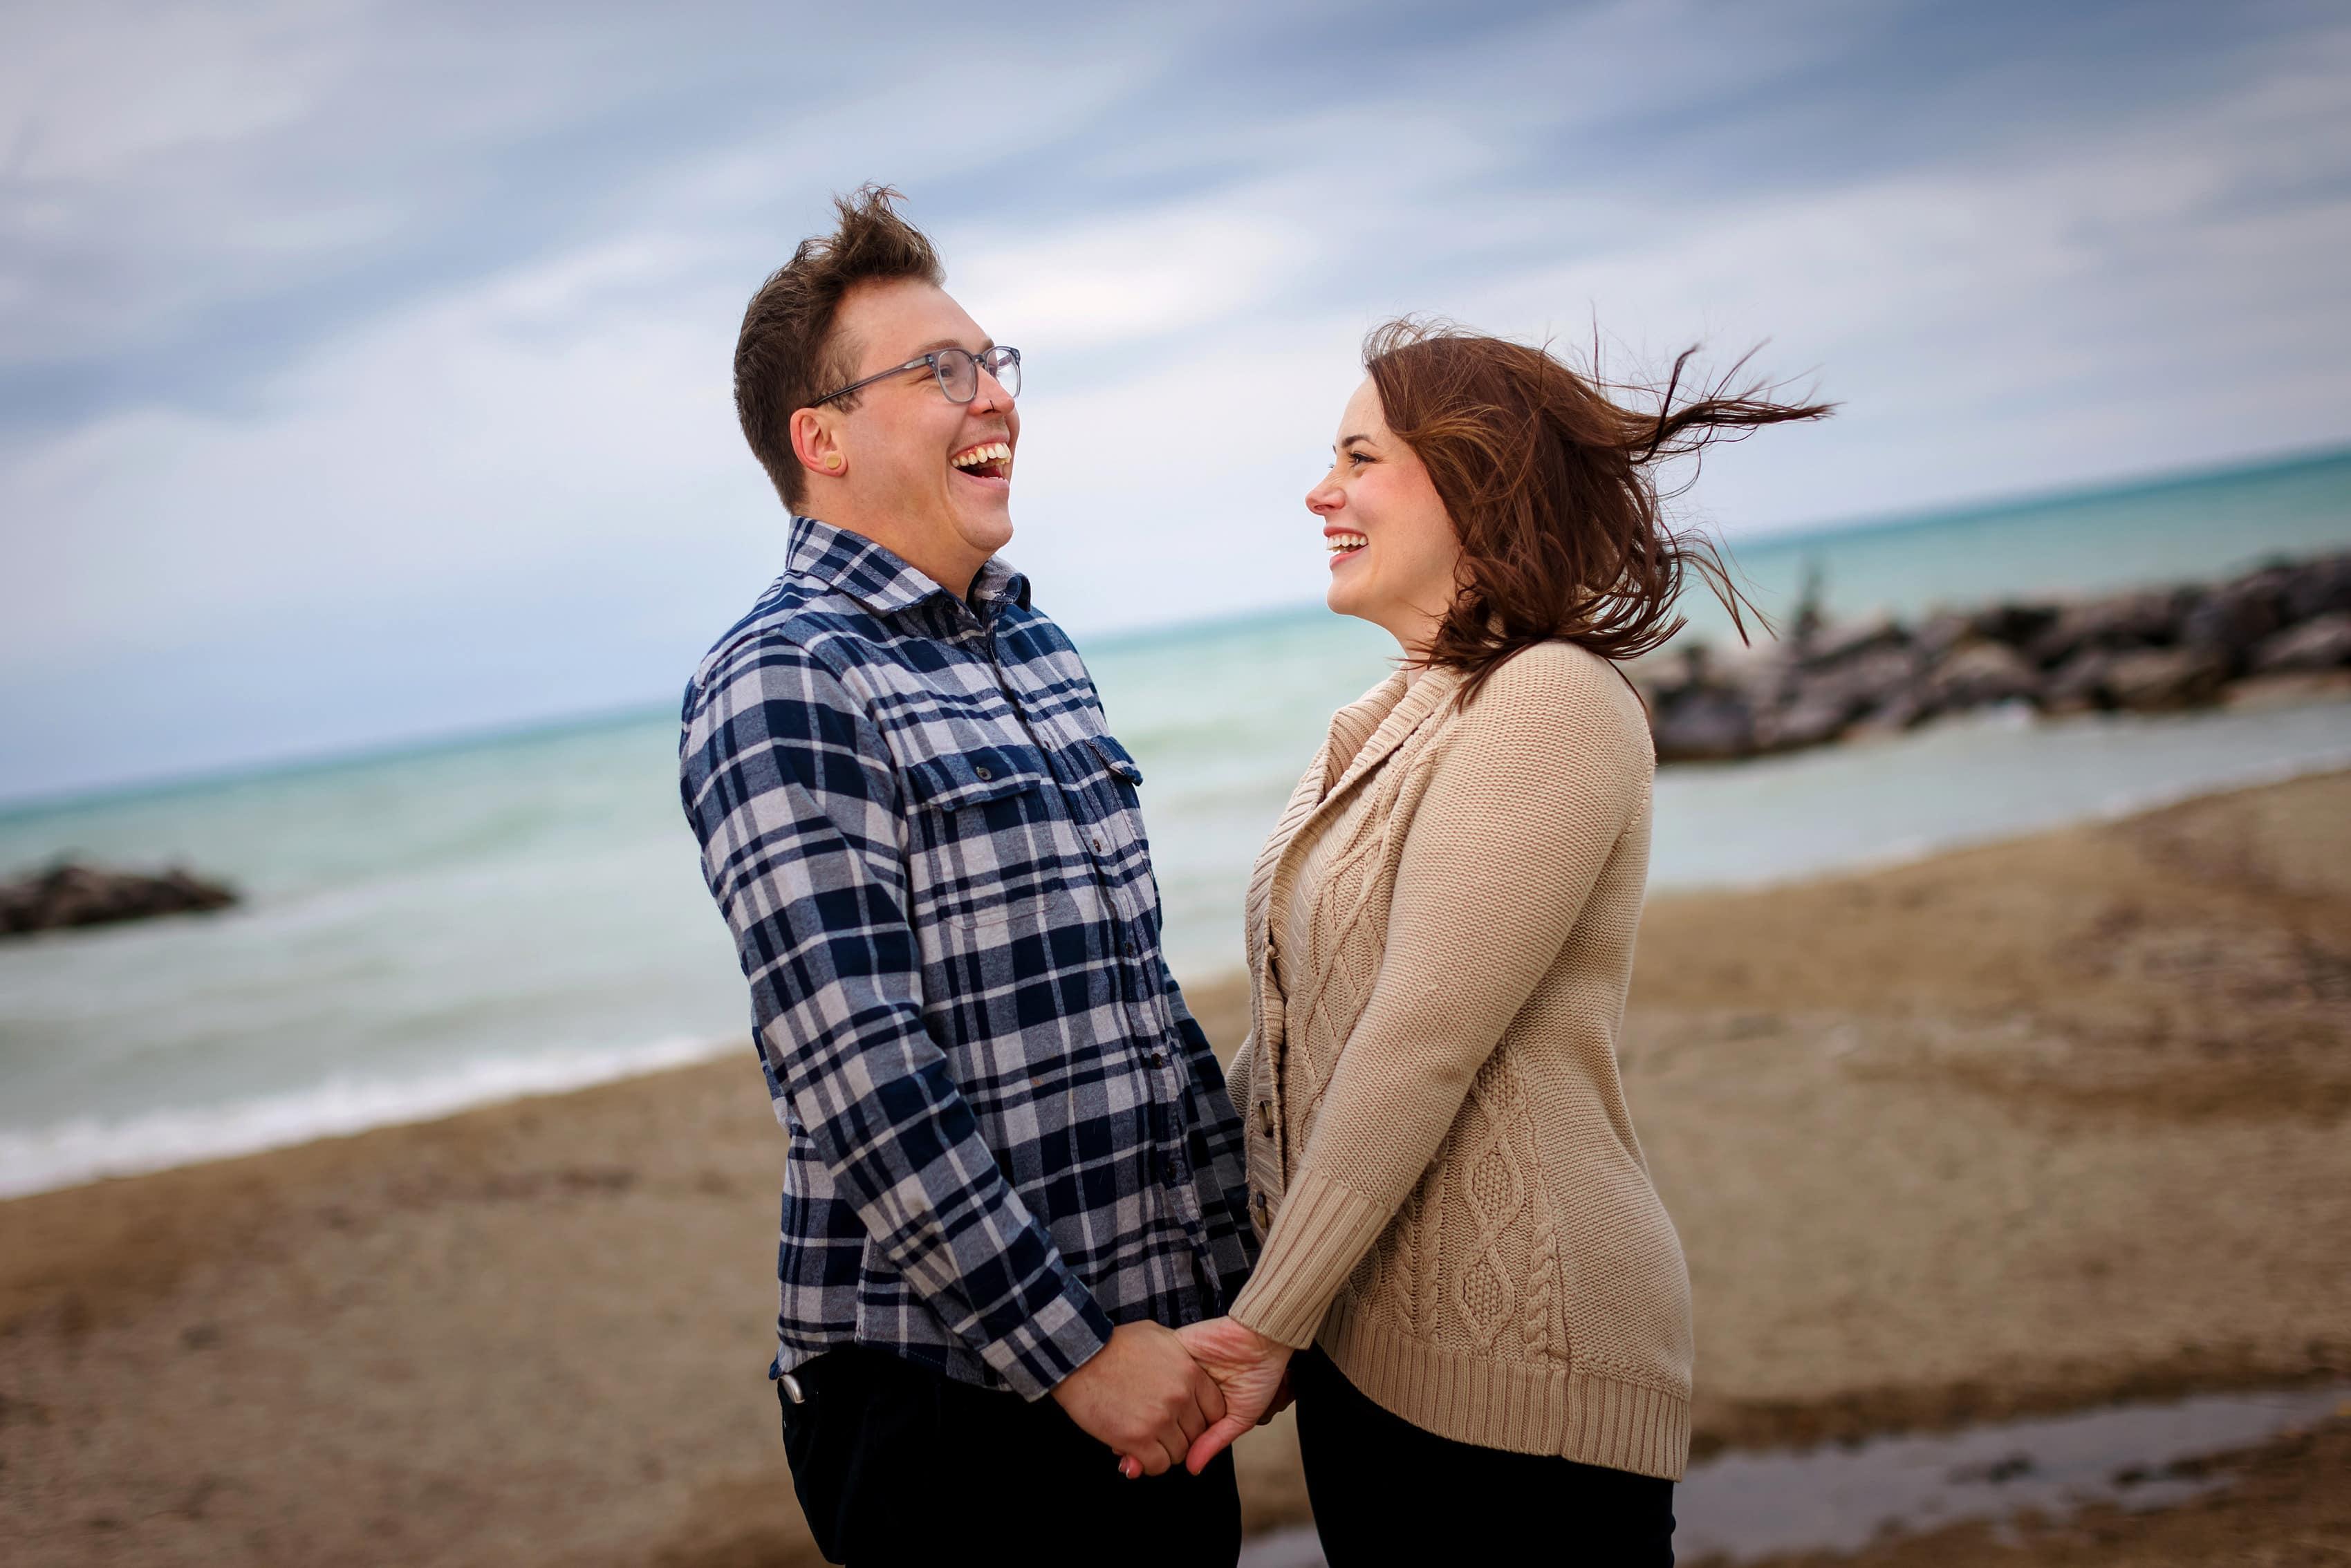 North Shore Fall Color Engagement Photos: Allison & James